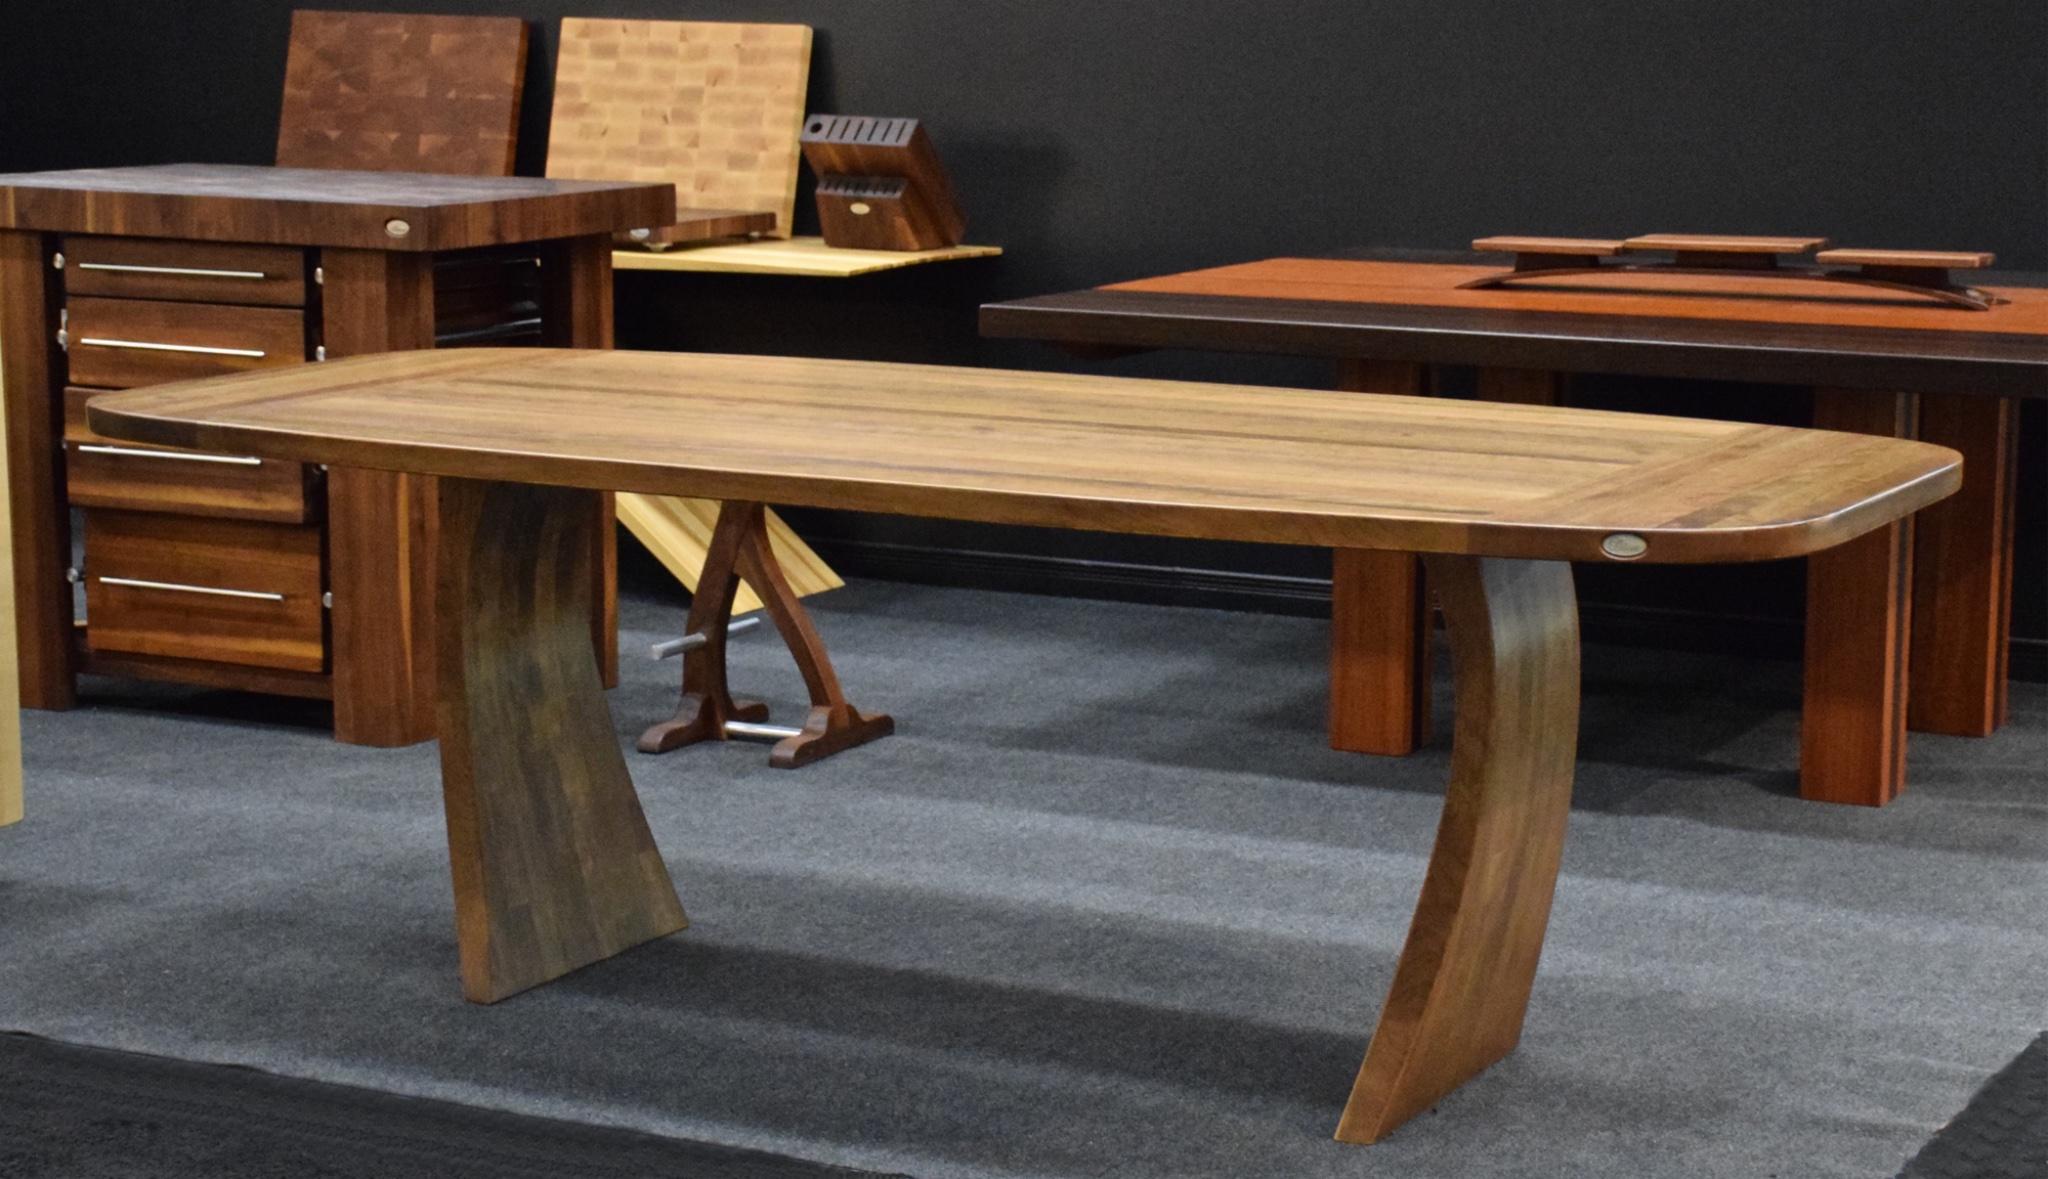 tables en bois massif ? signature stéphane dion - Mobilier De Cuisine En Bois Massif